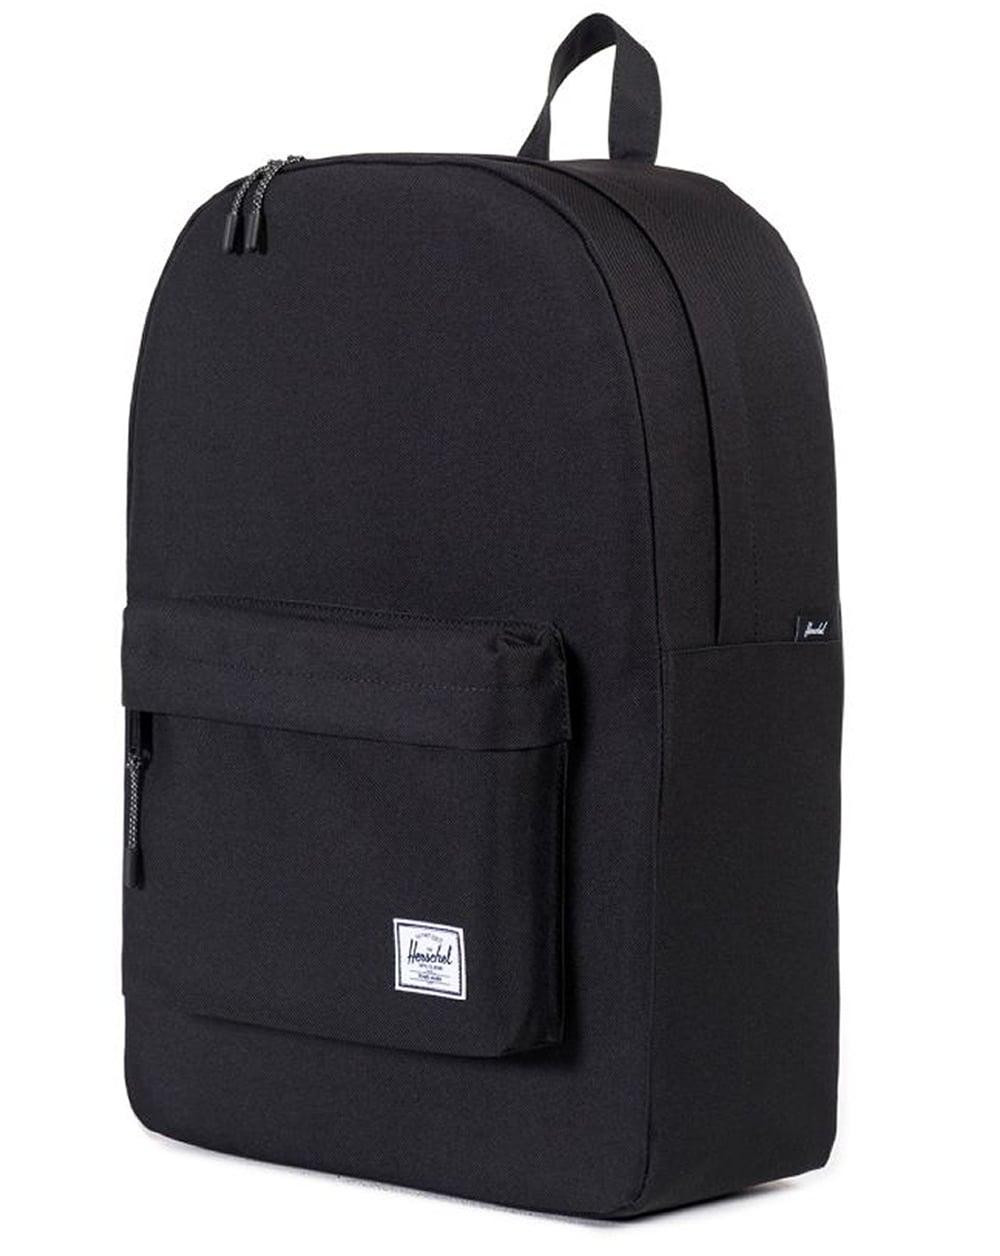 Herschel Herschel Classic Backpack Black 8ac04fe588308